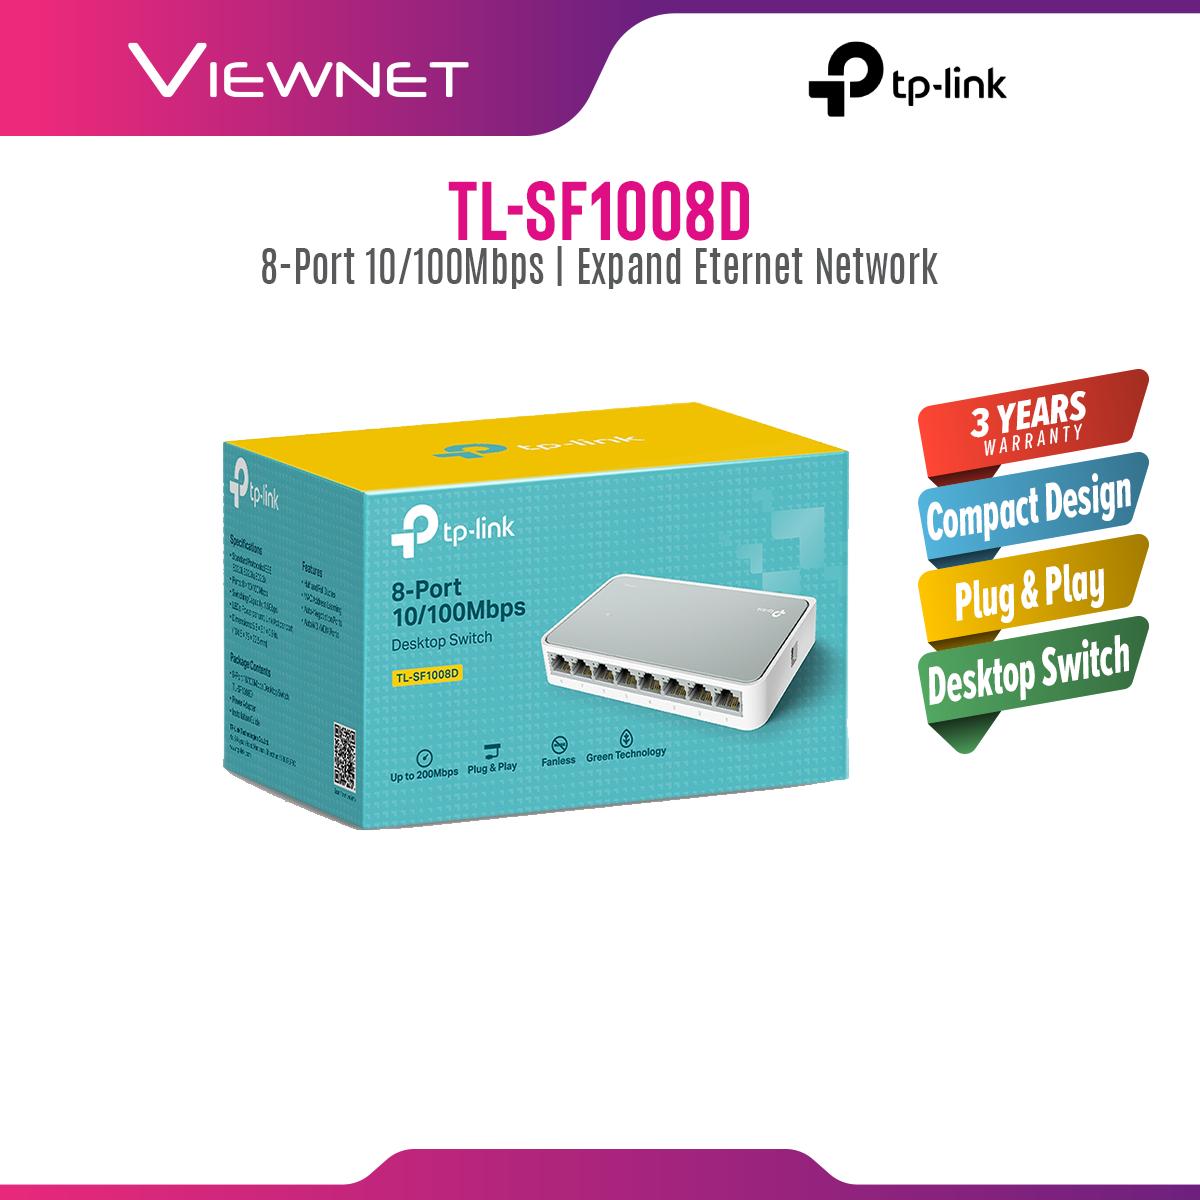 TP-LINK TL-SF1008D 8-Port 10/100Mbps Desktop Network Switch